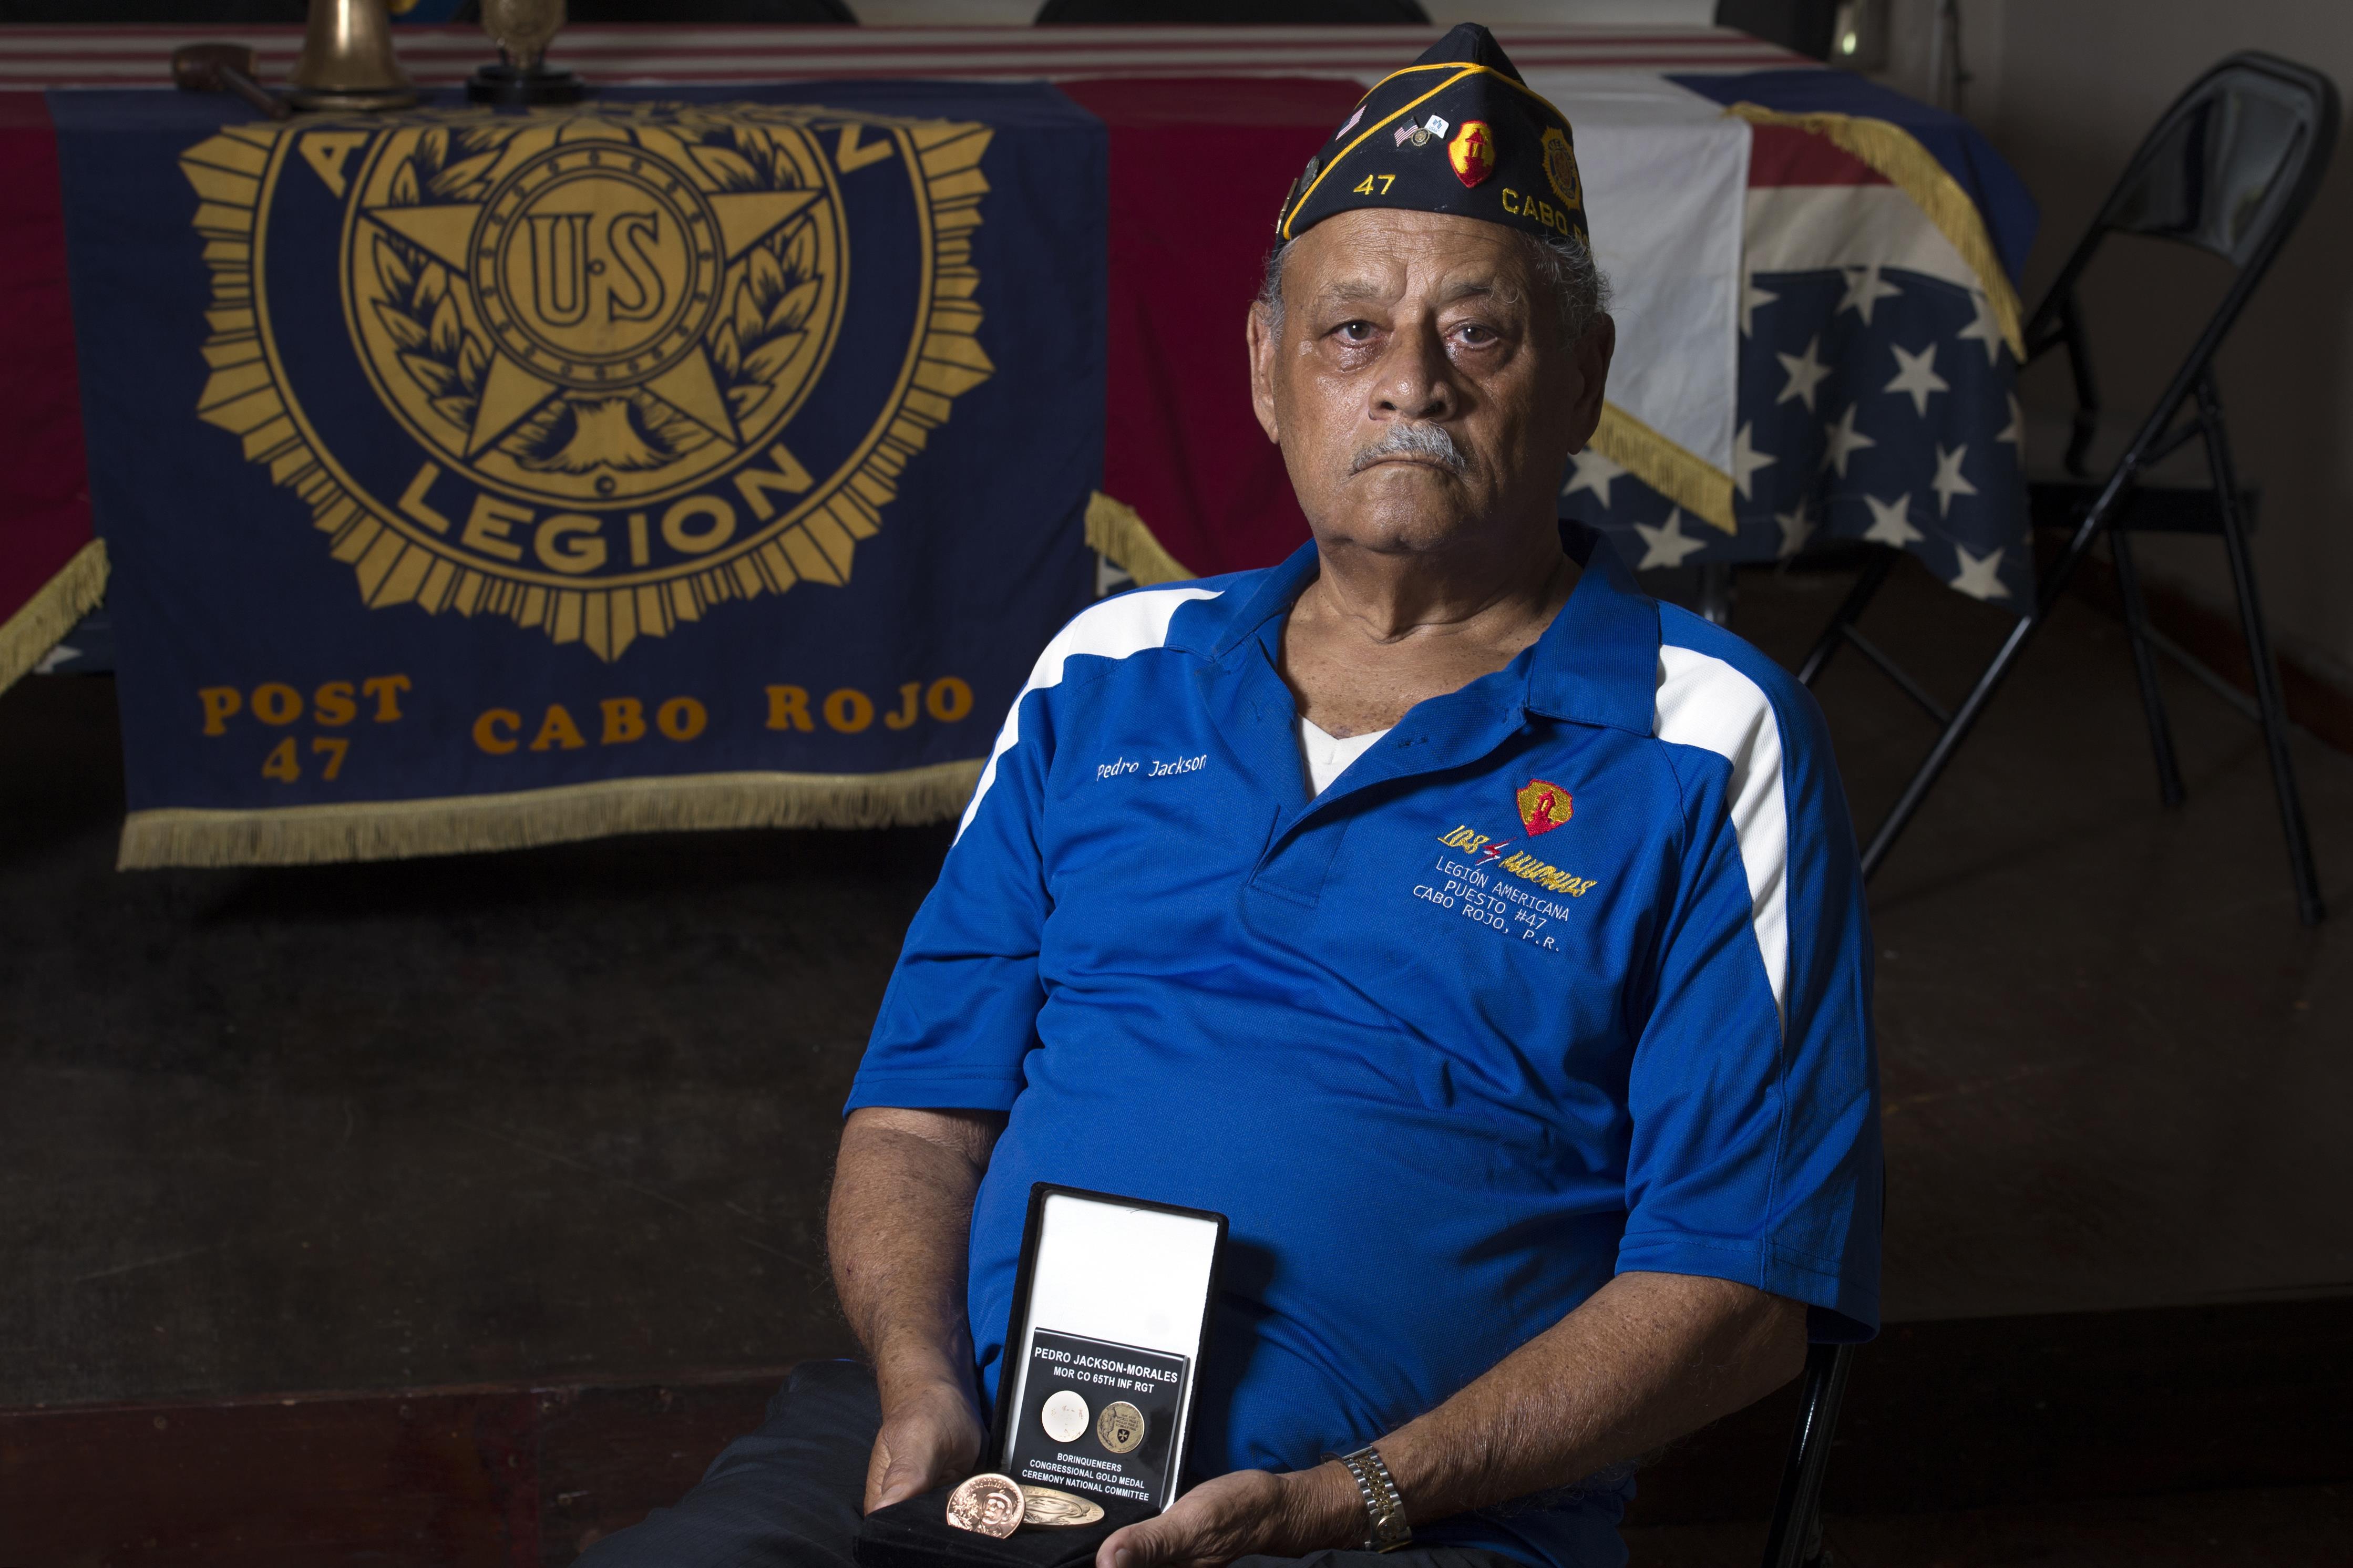 Congress Honors Puerto Rican Regiment for Heroic Korean War Service